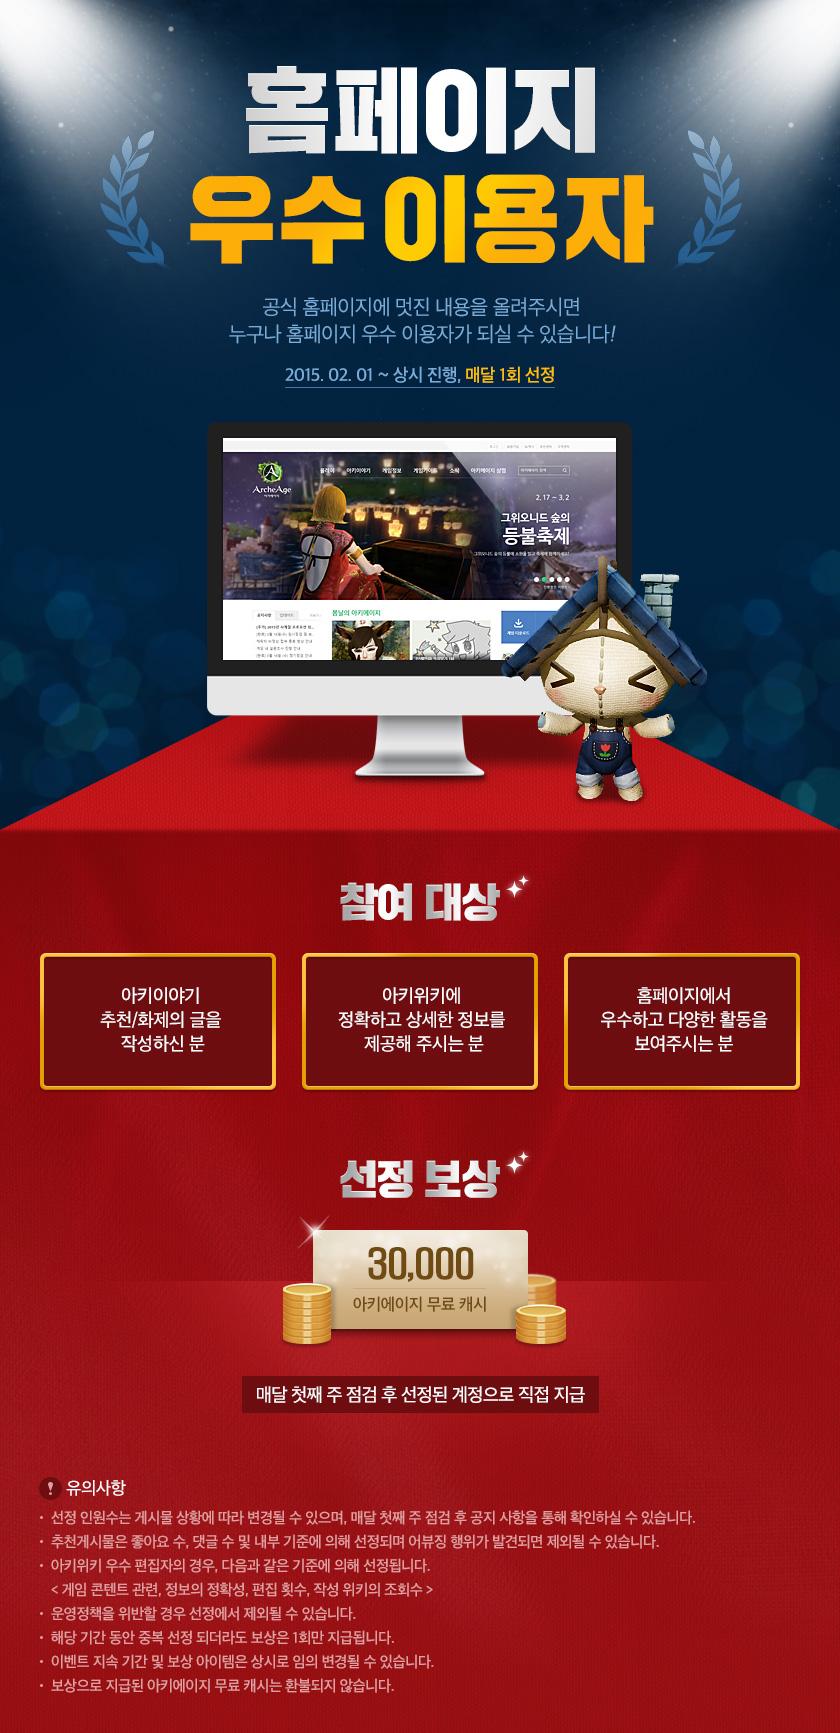 한달에 한번 아키에이지 공식 홈페이지에 멋진 글, 그림, 게임 정보를 올려주신 분들을 대상으로 30,000 아키에이지 무료 캐시를 드립니다.